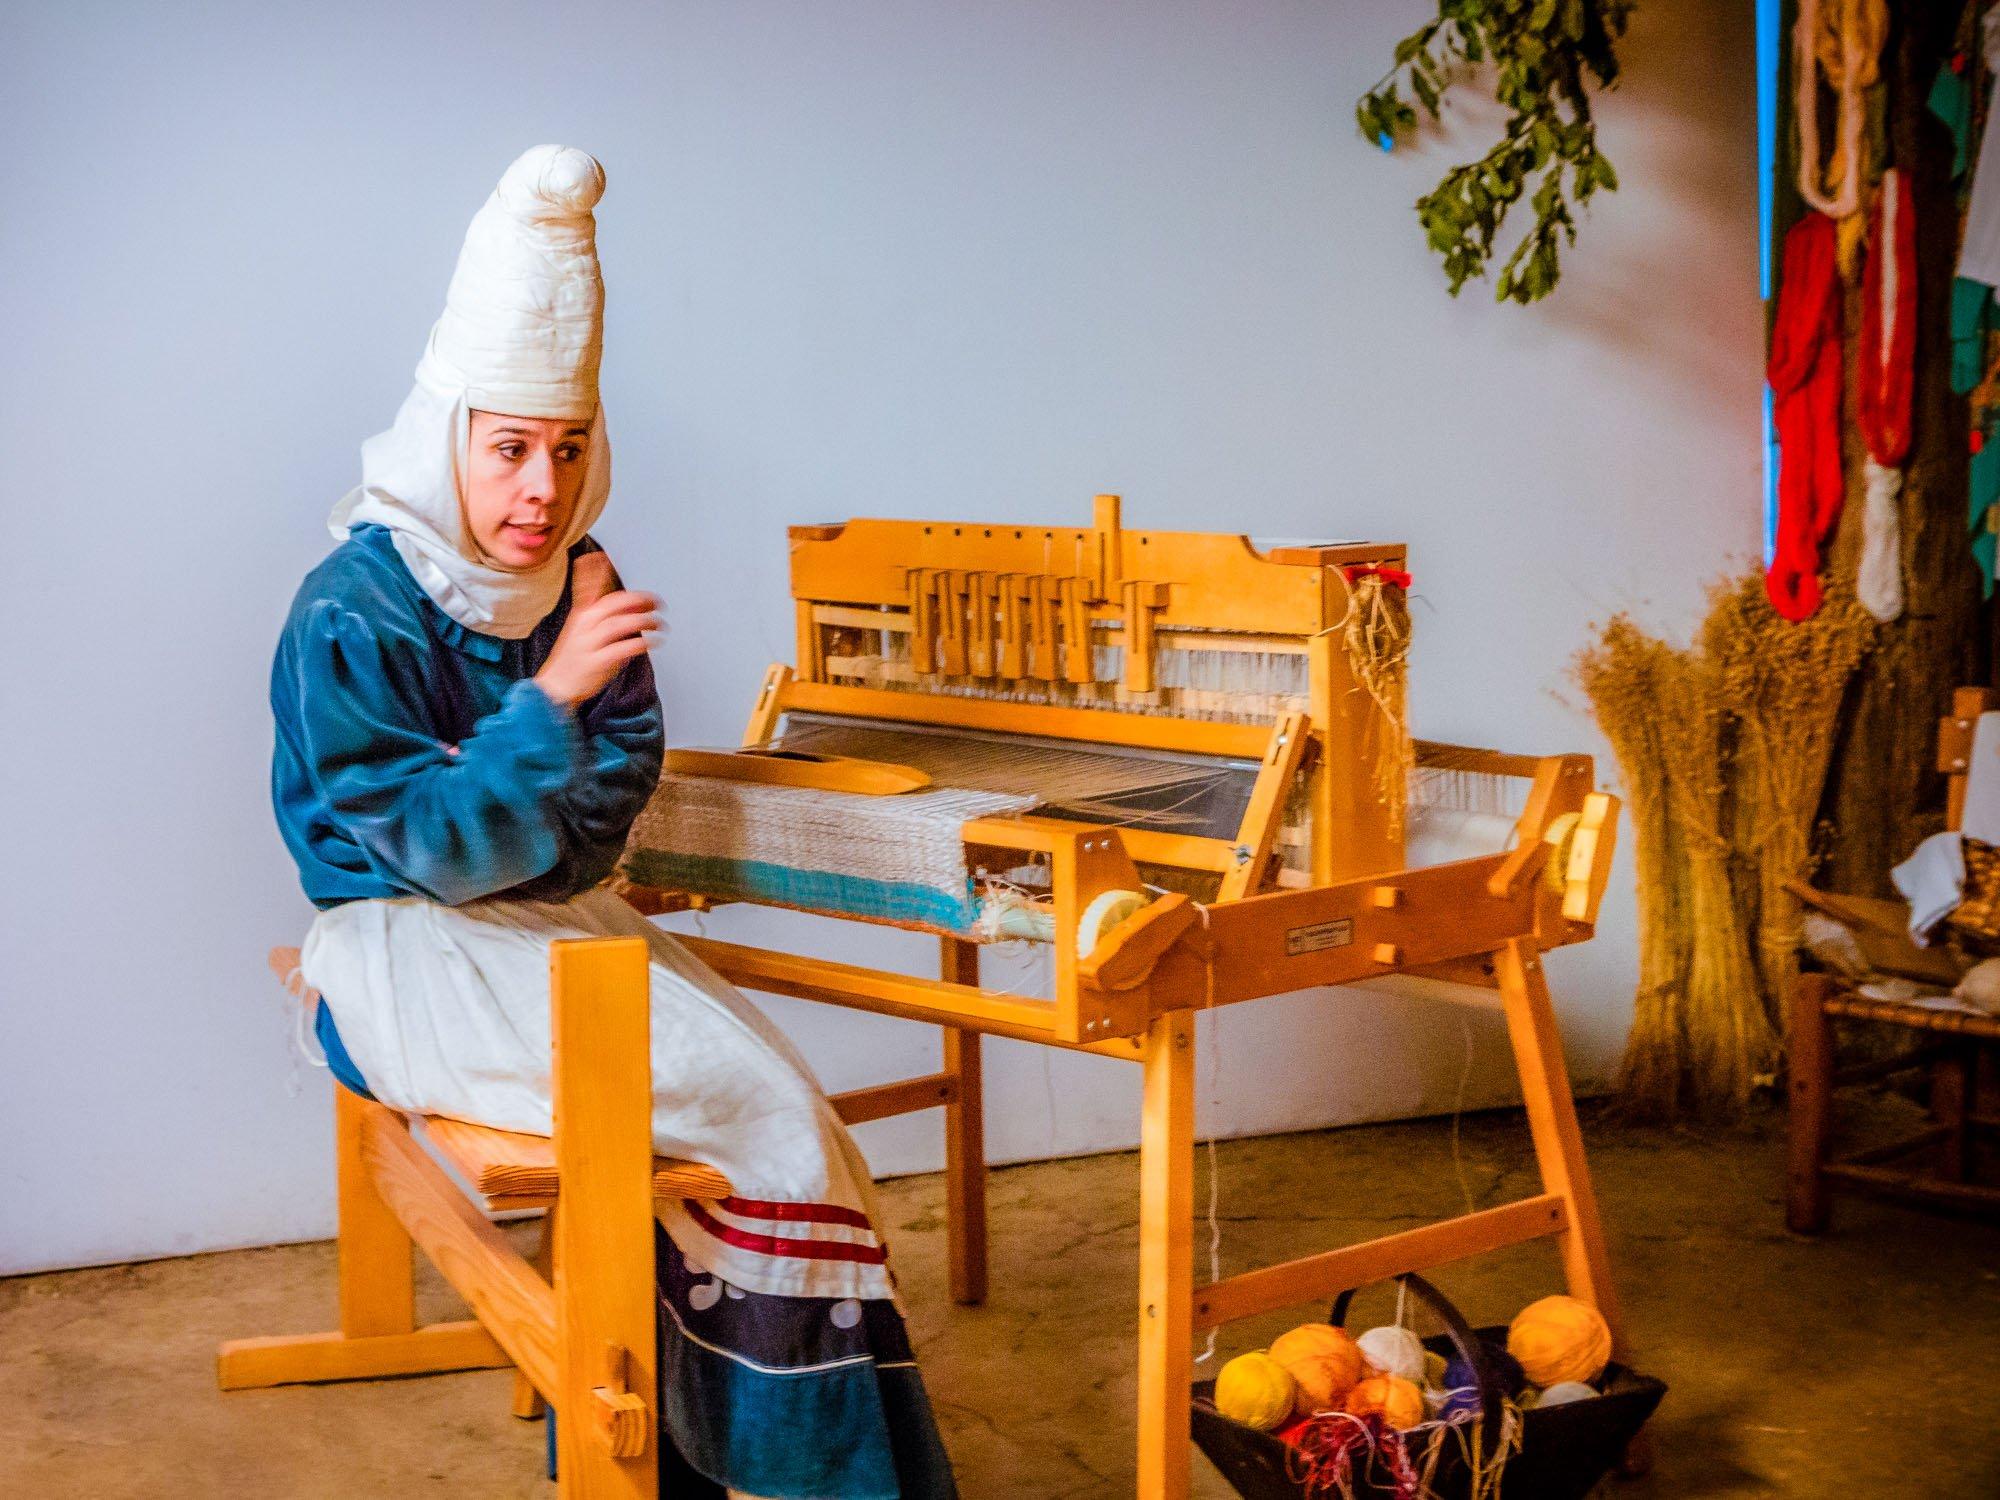 Visita teatralizada en Izenaduba Basoa